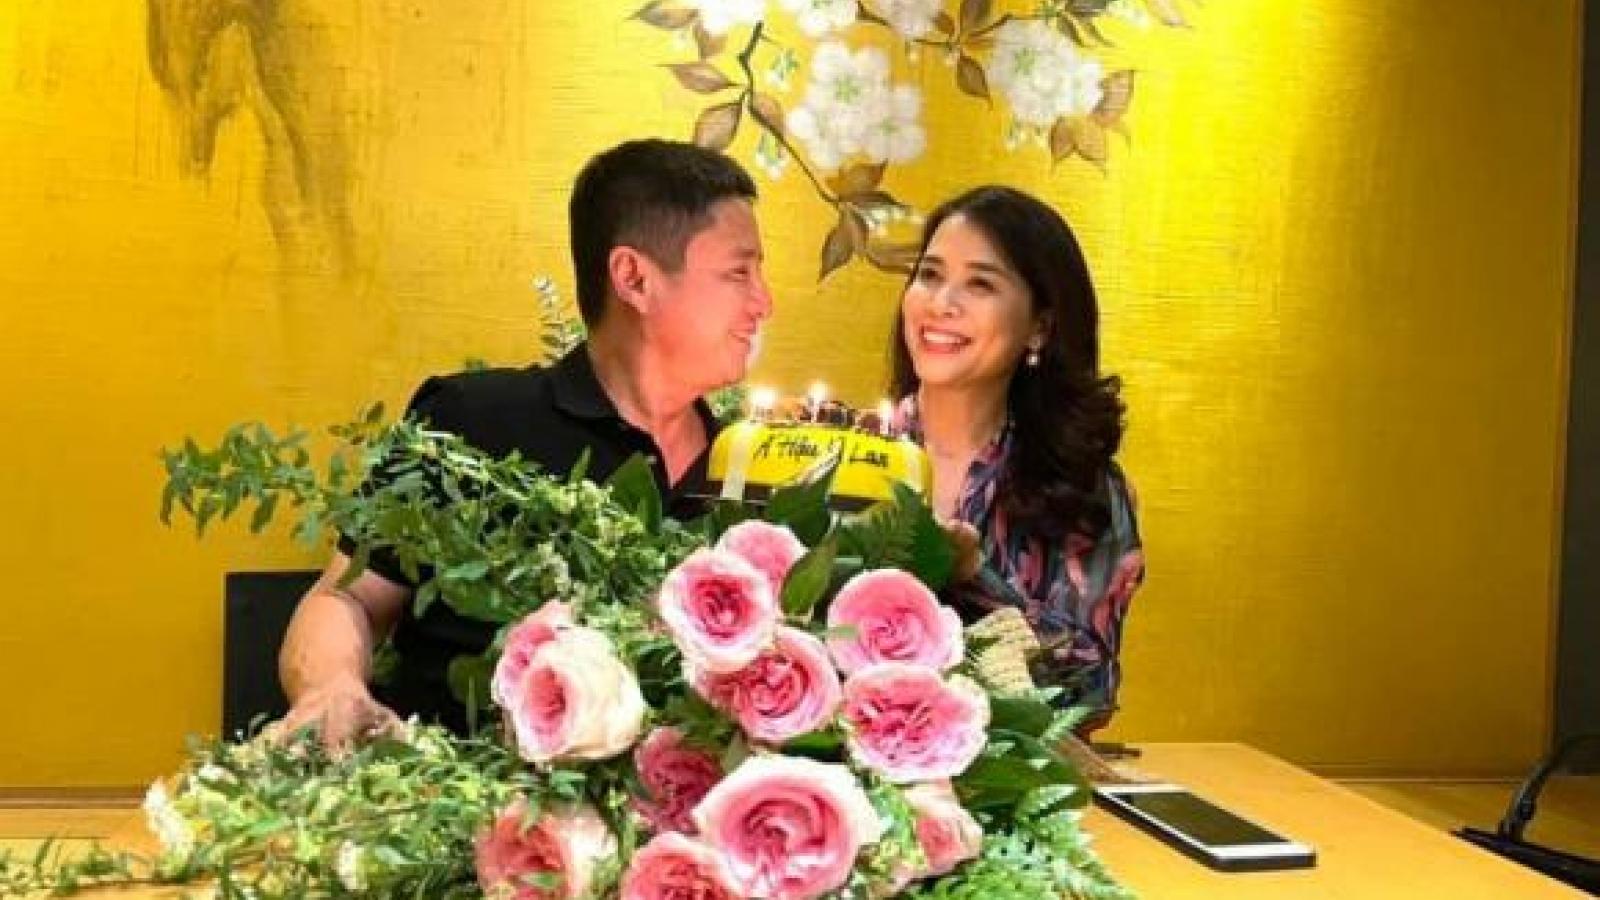 Chuyện showbiz: Thực hư nghệ sĩ Chí Trung sắp kết hôn với bạn gái doanh nhân